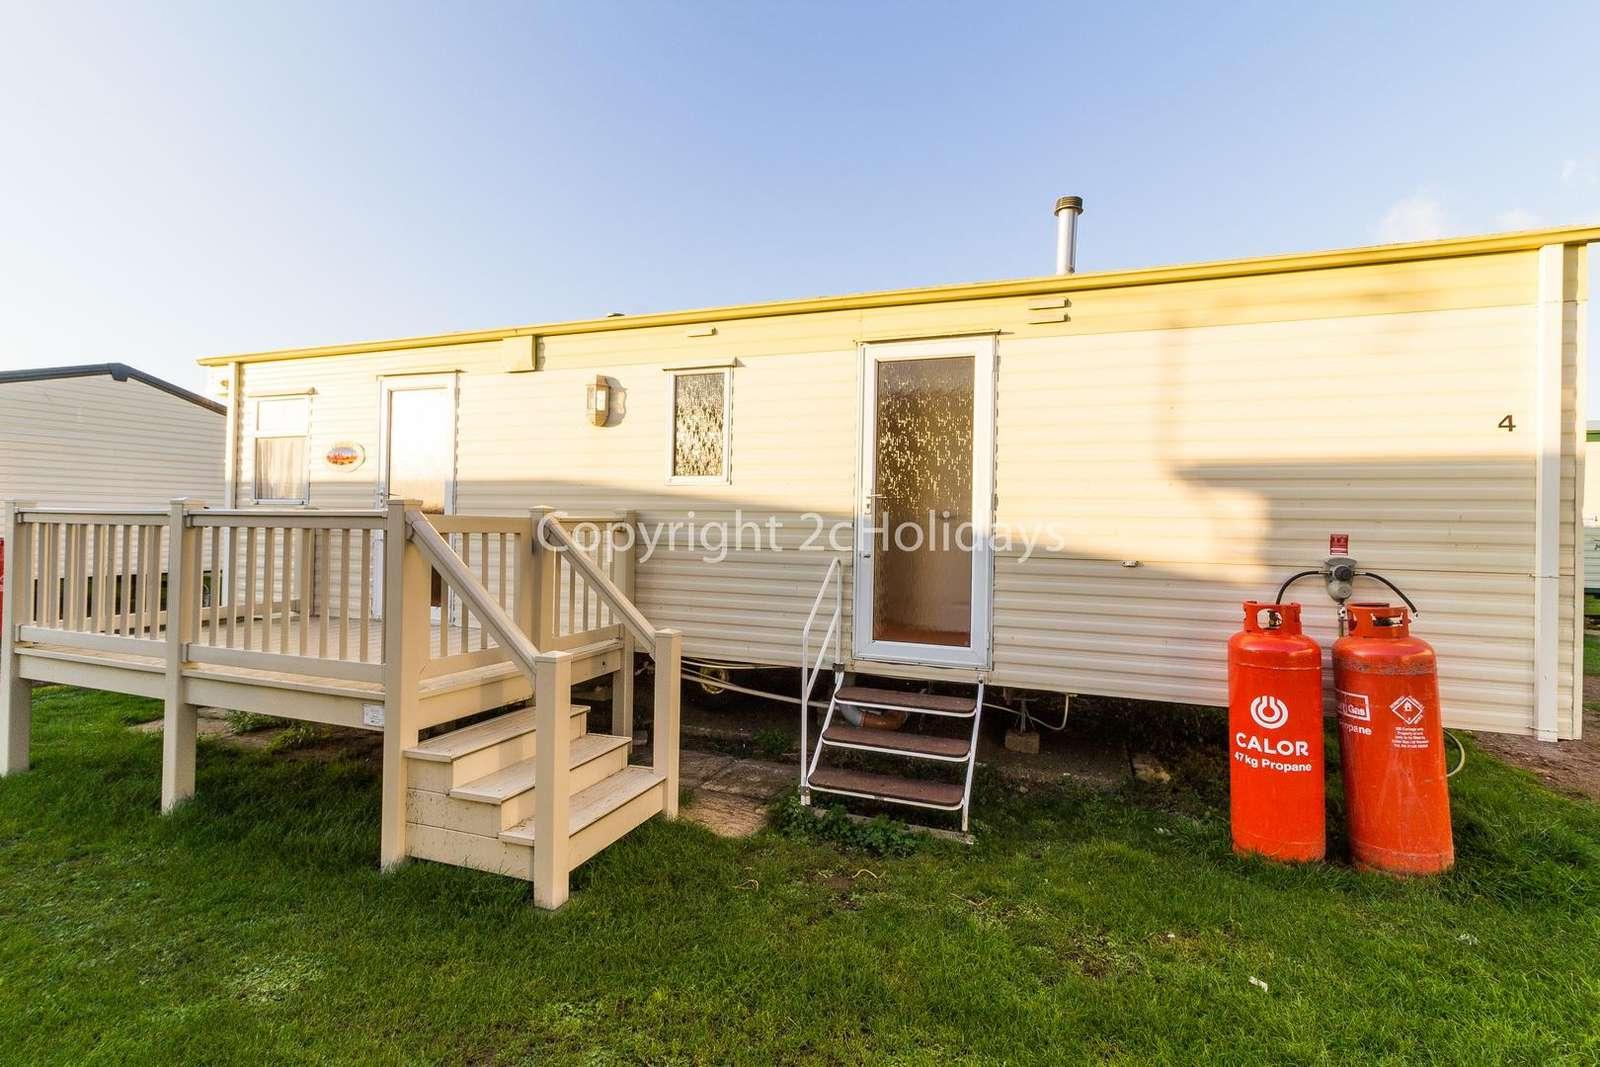 Caravan for hire at Heacham.